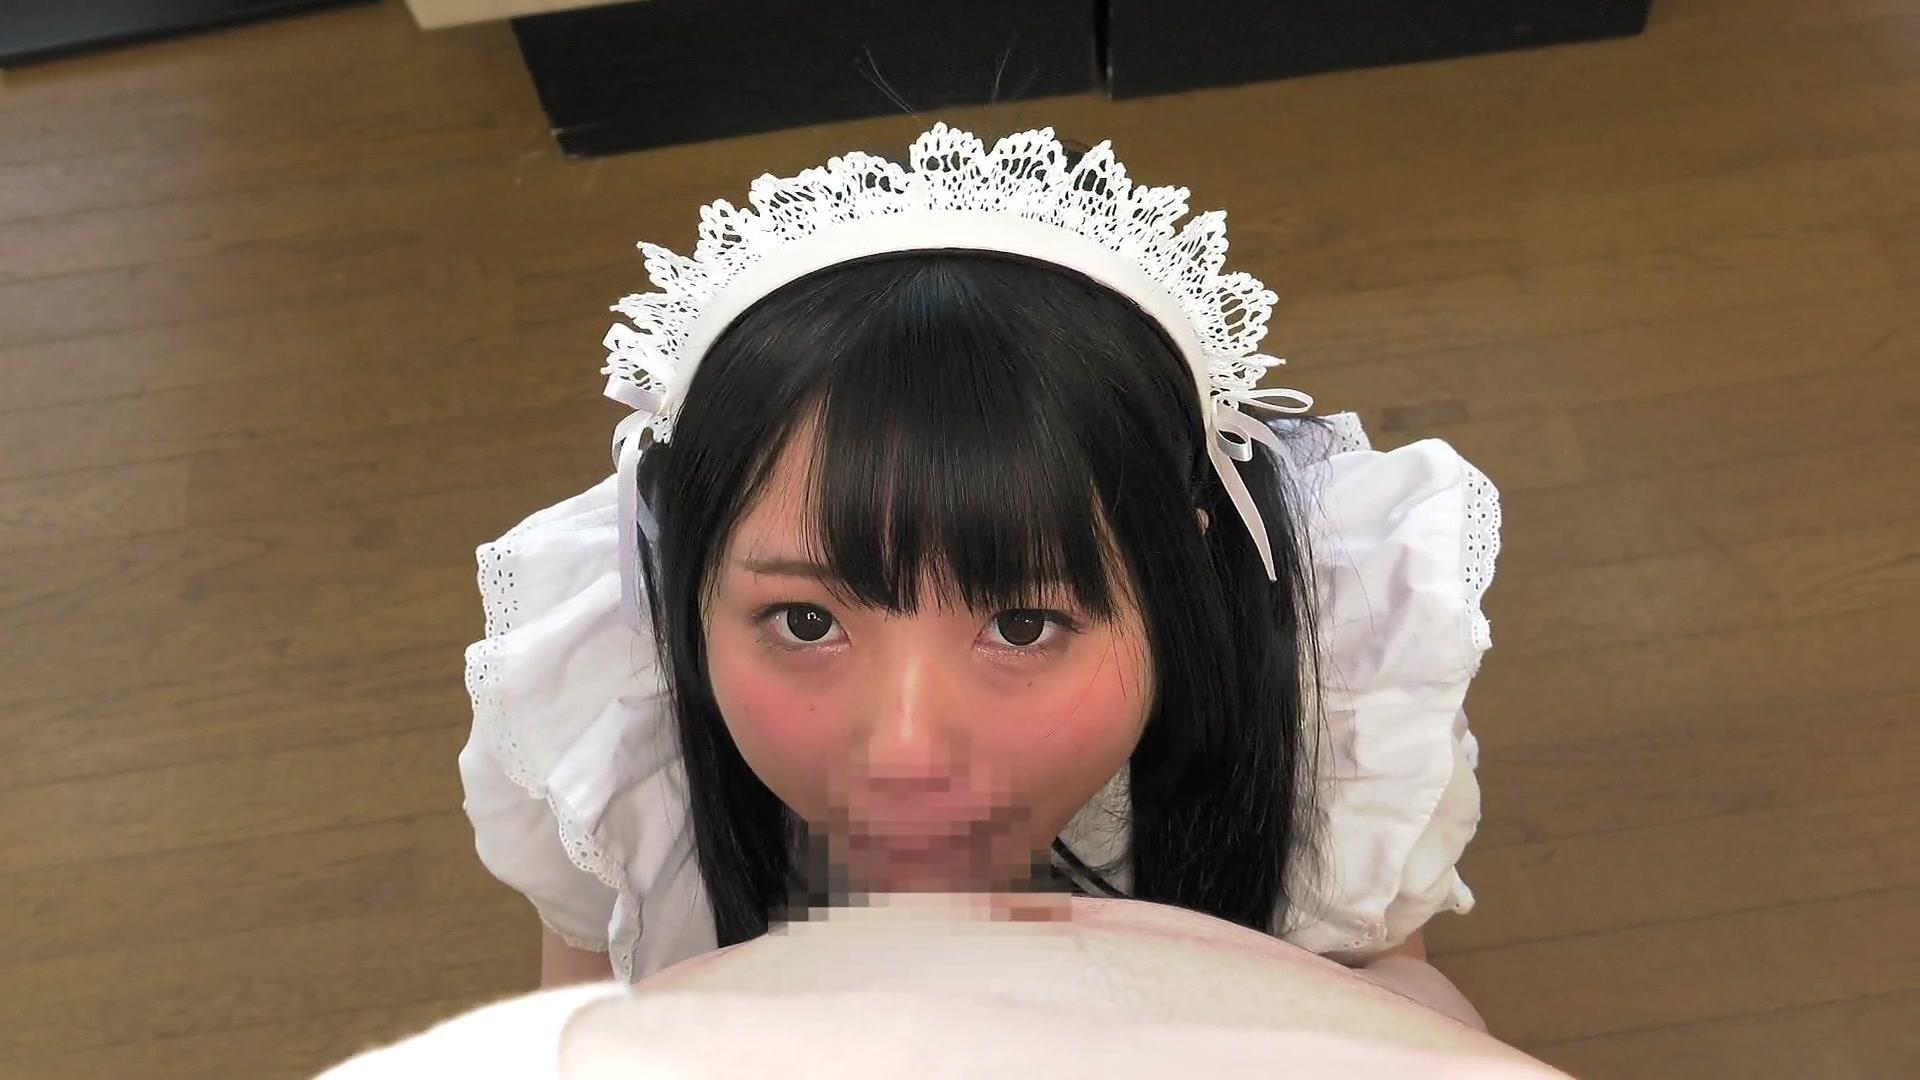 【コスプレエロ動画】可愛いメイドの女の子がご主人様のチンコにご奉仕w